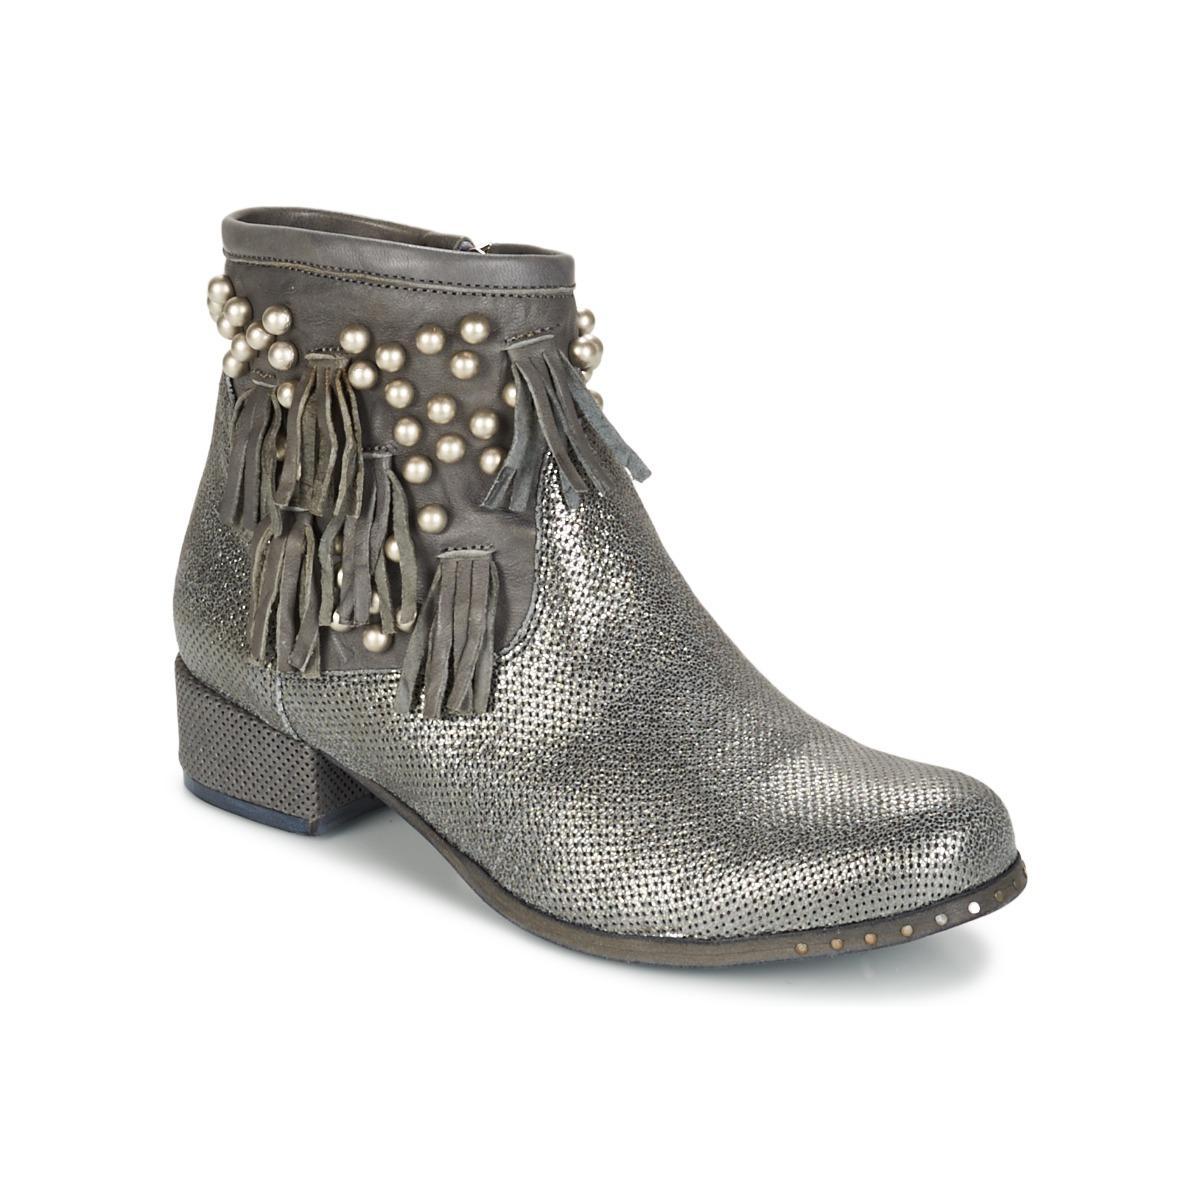 Mimmu MOONSTROP Maulwurf / Silbern - Kostenloser Versand bei Spartoode ! - Schuhe Boots Damen 77,50 €